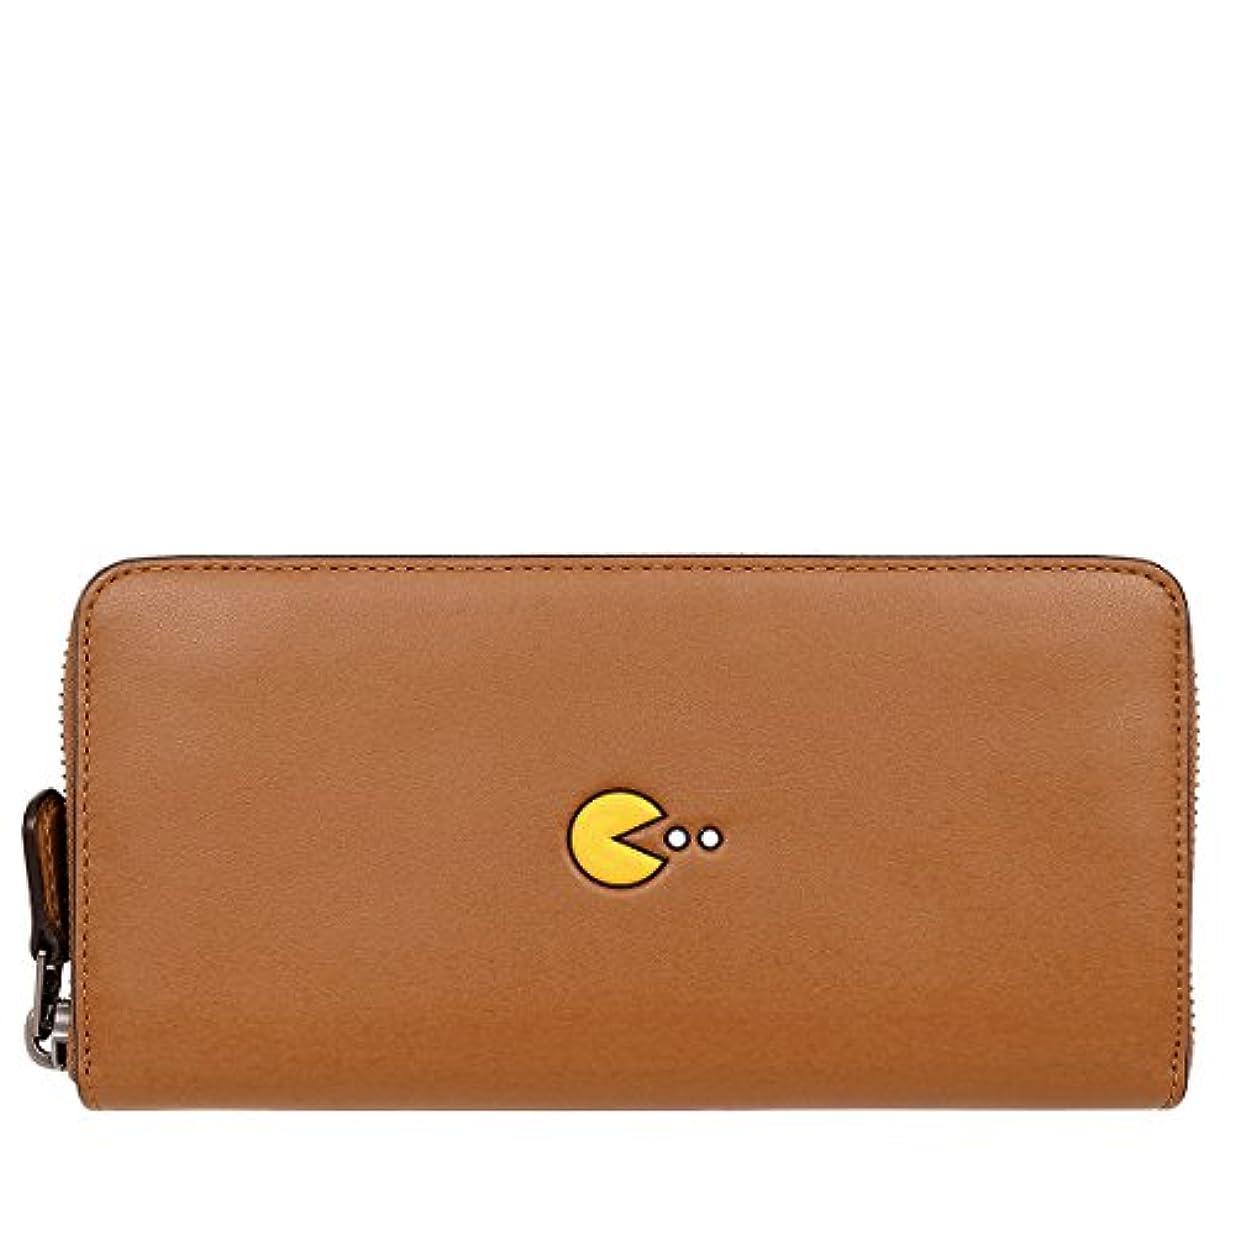 ましいバッフル祭り[コーチ] COACH 財布 (長財布) F55736 サドル QB/SD レザー 長財布 メンズ レディース [アウトレット品] [並行輸入品]